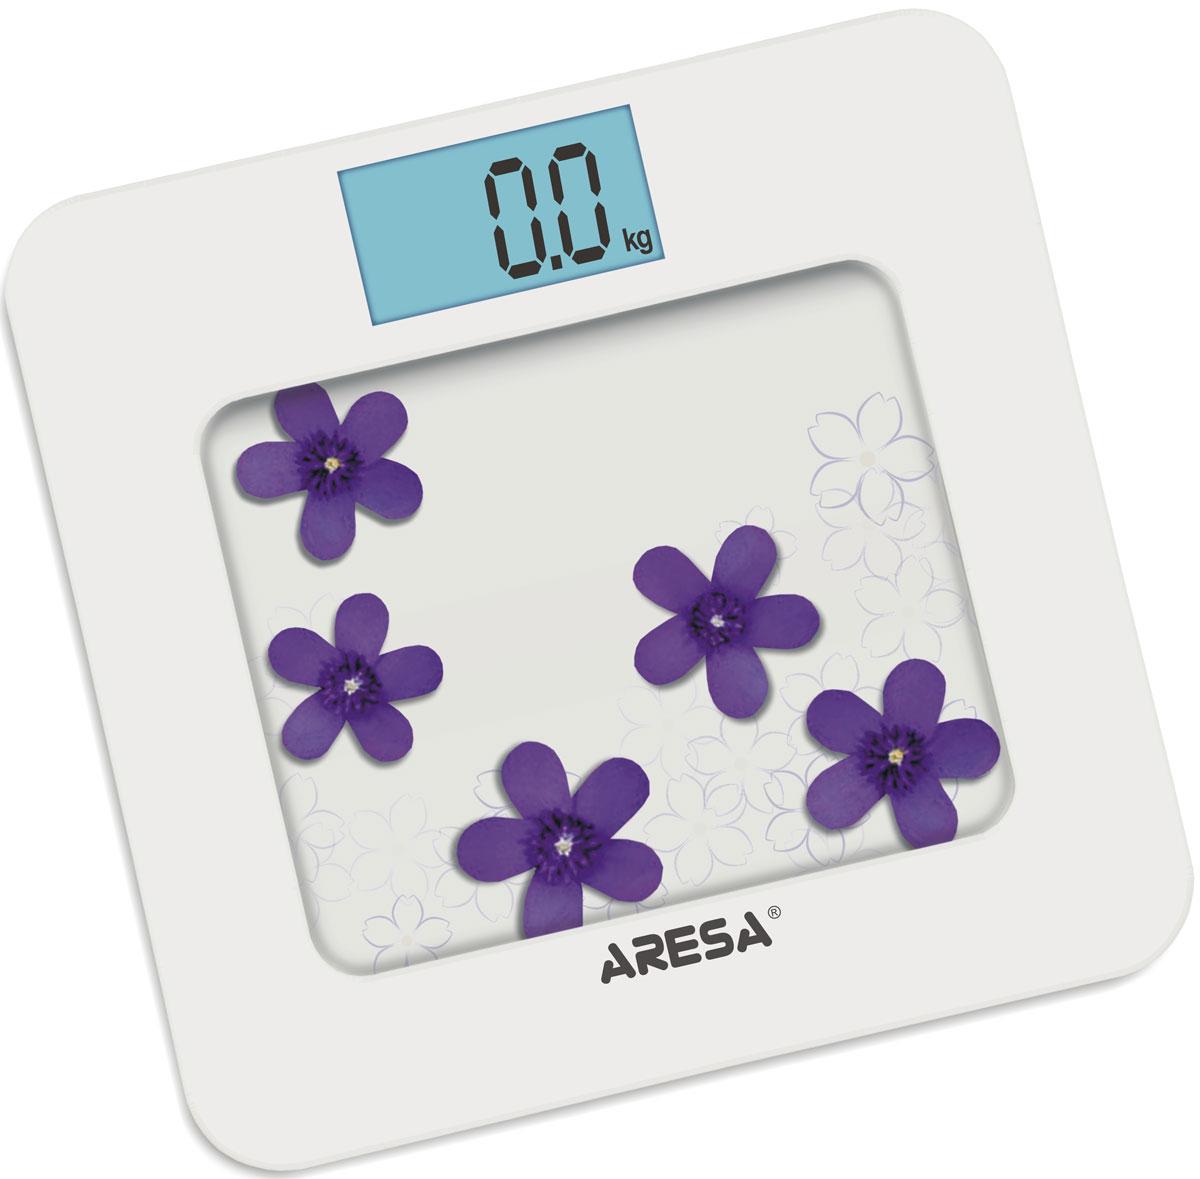 Aresa SB-309 напольные весыSB-309Напольные электронные весы Aresa SB-309 - неотъемлемый атрибут здорового образа жизни. Они необходимы тем, кто следит за своим здоровьем, весом, ведет активный образ жизни, занимается спортом и фитнесом. Очень удобны для будущих мам, постоянно контролирующих прибавку в весе, также рекомендуются родителям, внимательно следящим за весом своих детей. Минимальная нагрузка: 6 кг